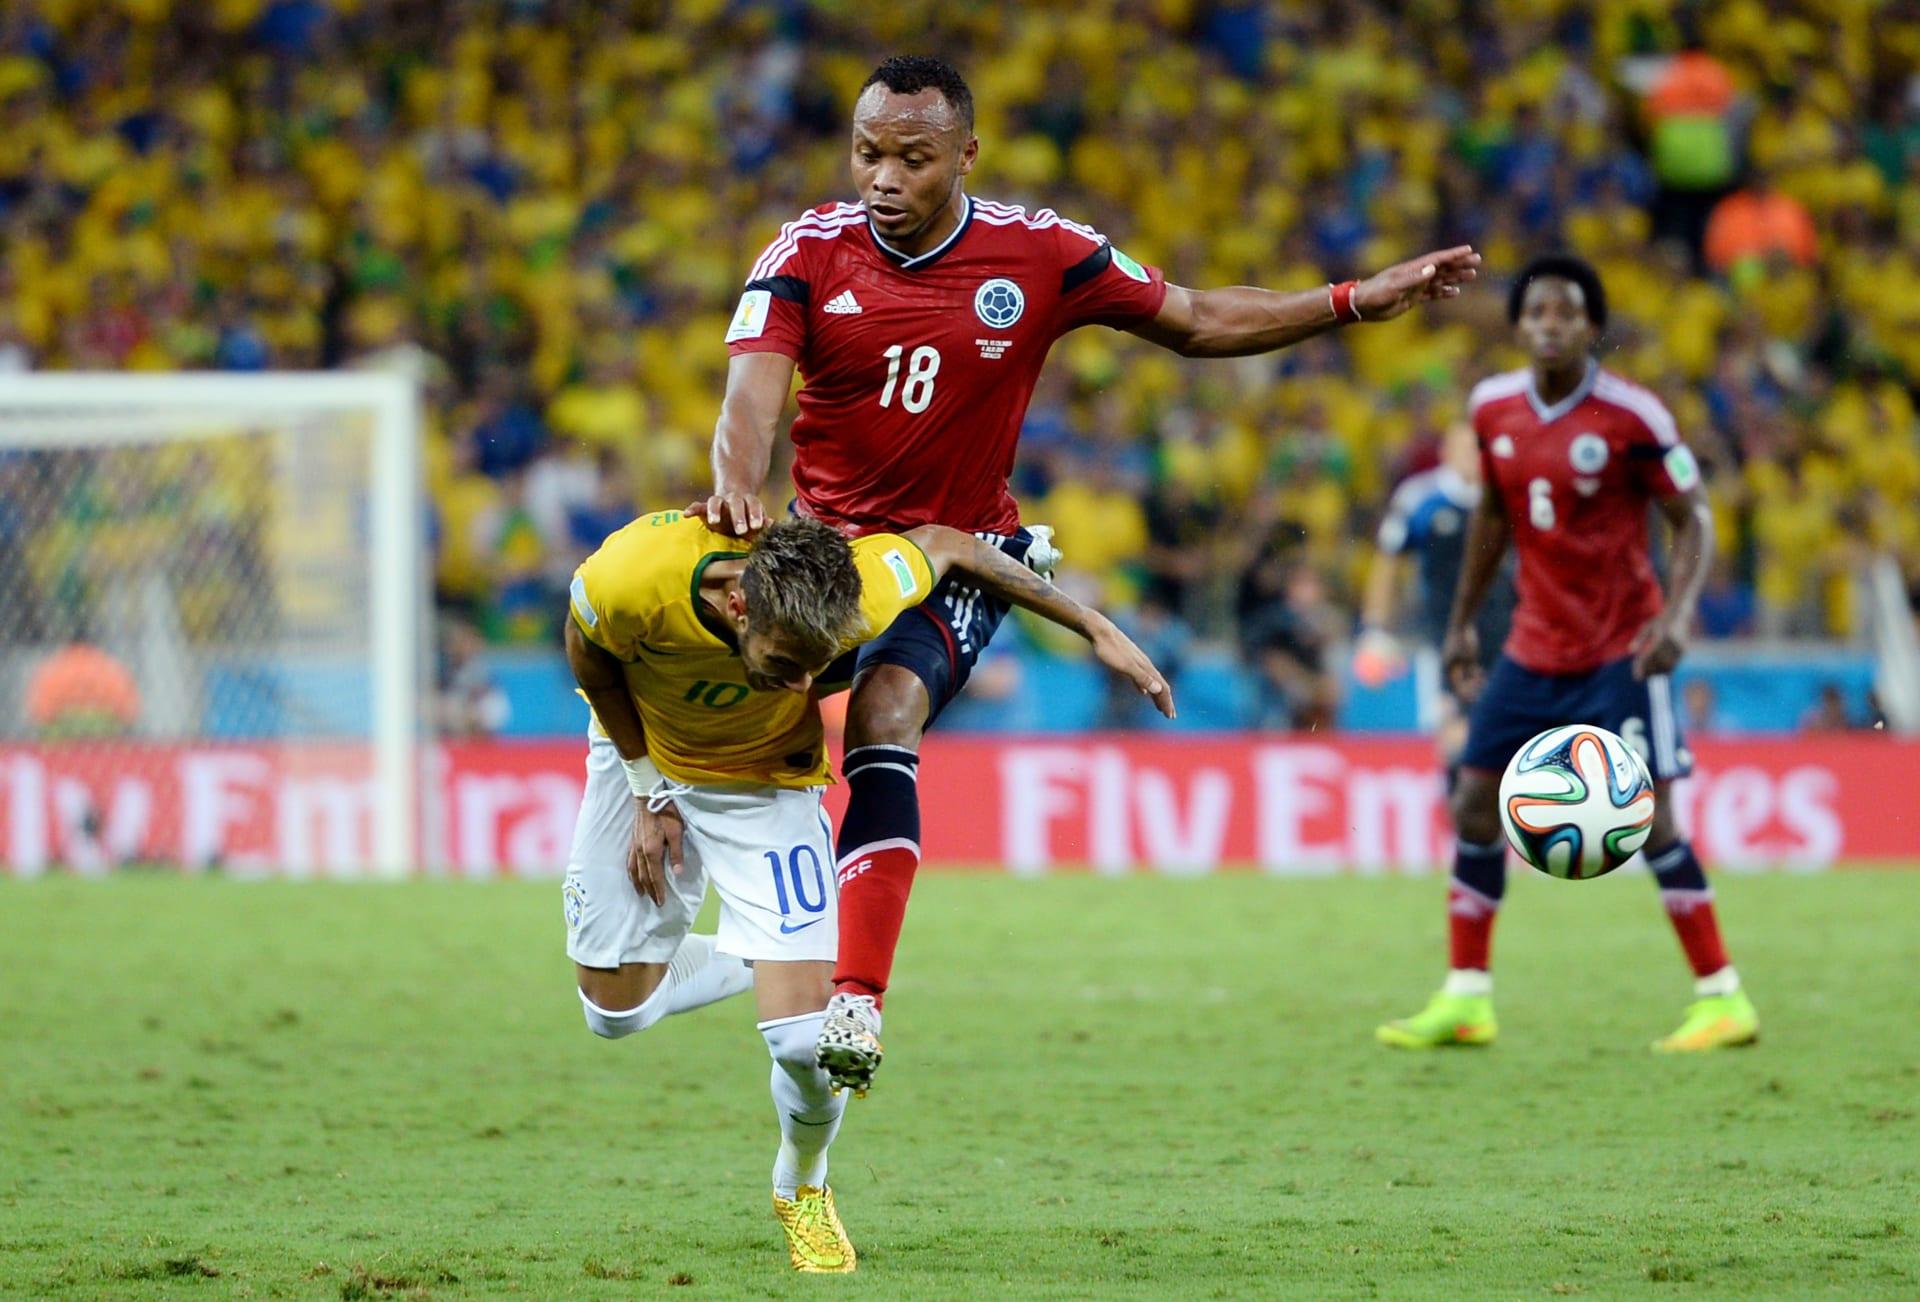 نيمار عن إصابته في كأس العالم 2014: كادت تنهي مسيرتي الكروية